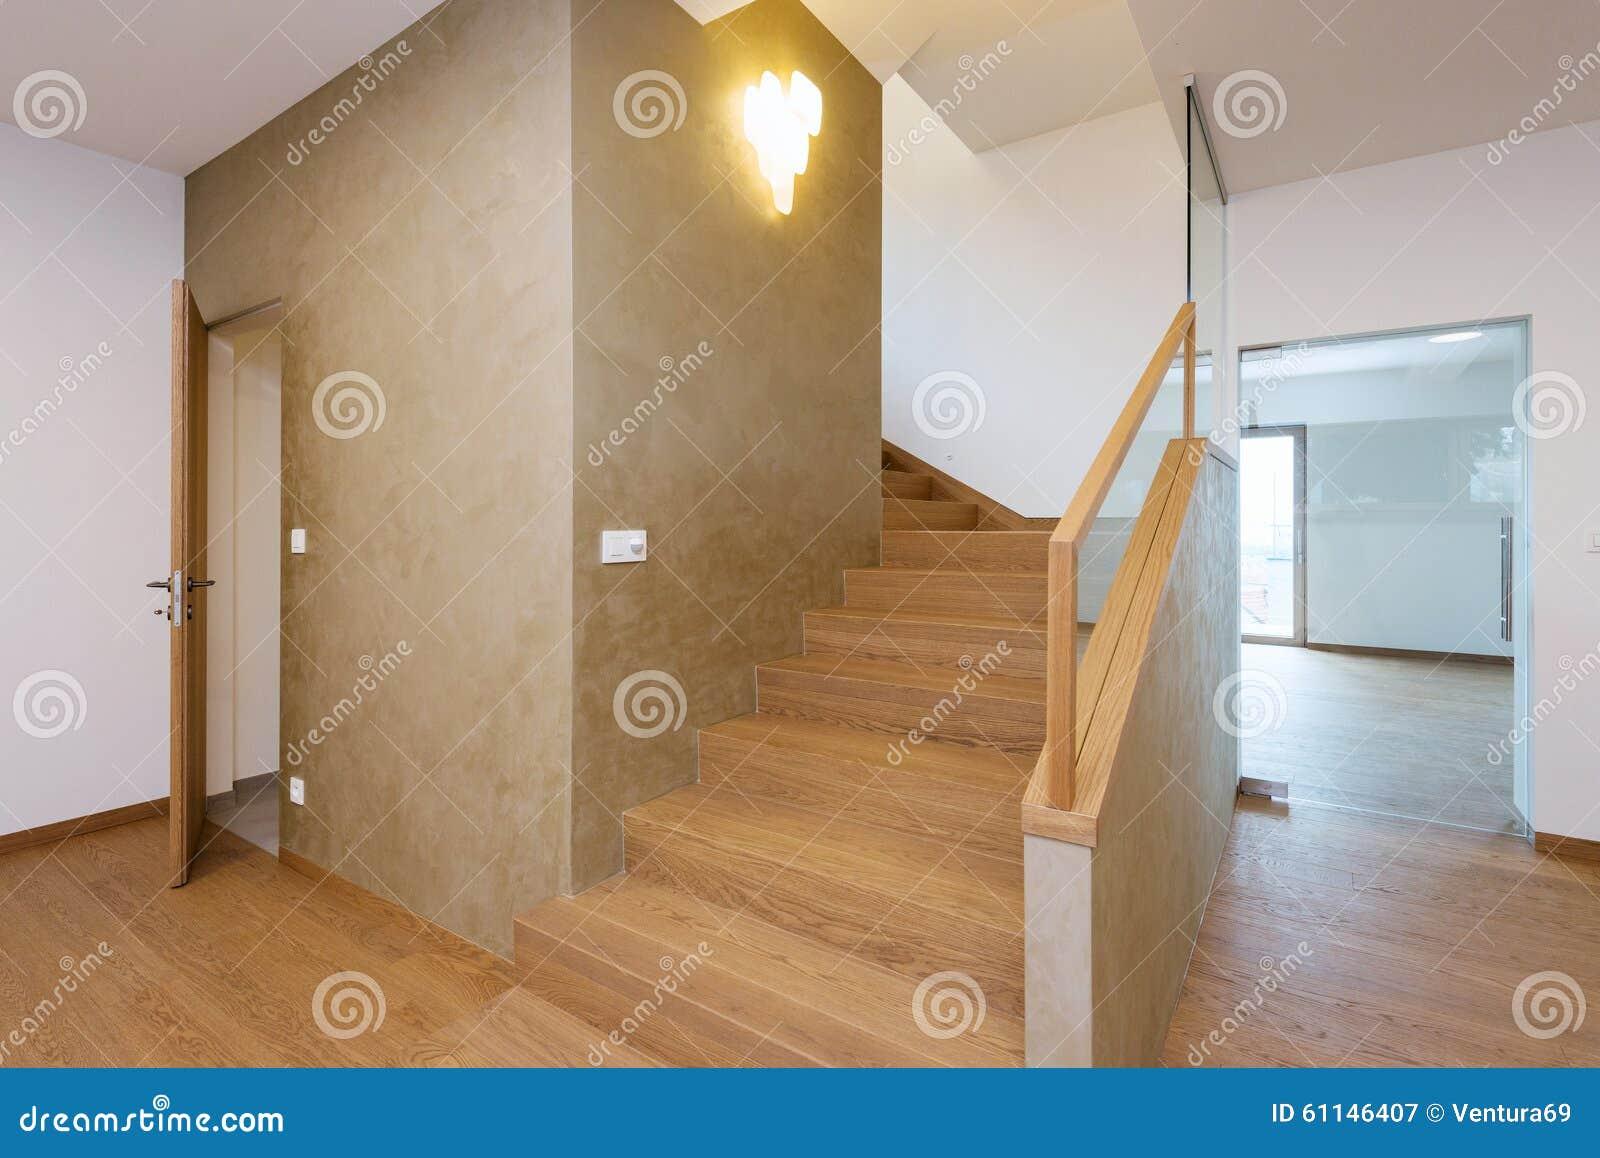 Gang met trap in modern huis stock afbeelding afbeelding